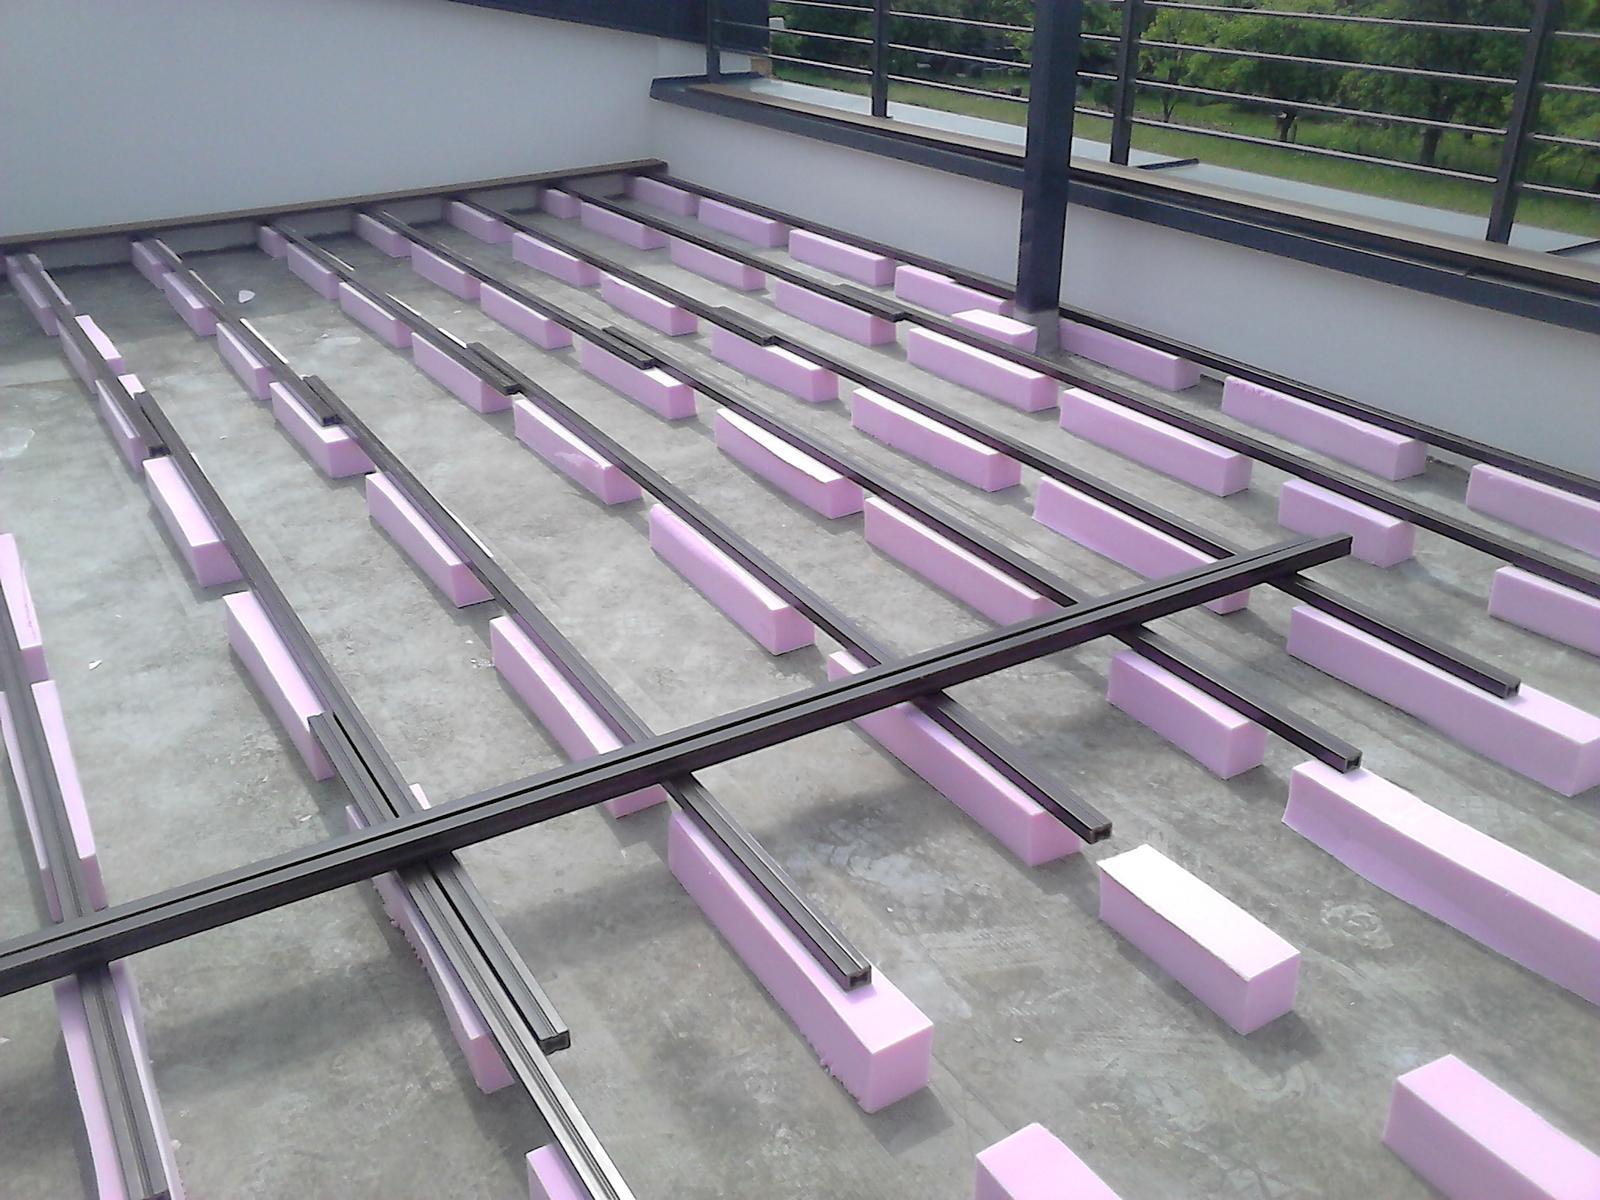 Dnes montaž terasy ,musely sme dvihat 10 cm do vysky prahu dvery - Obrázok č. 1